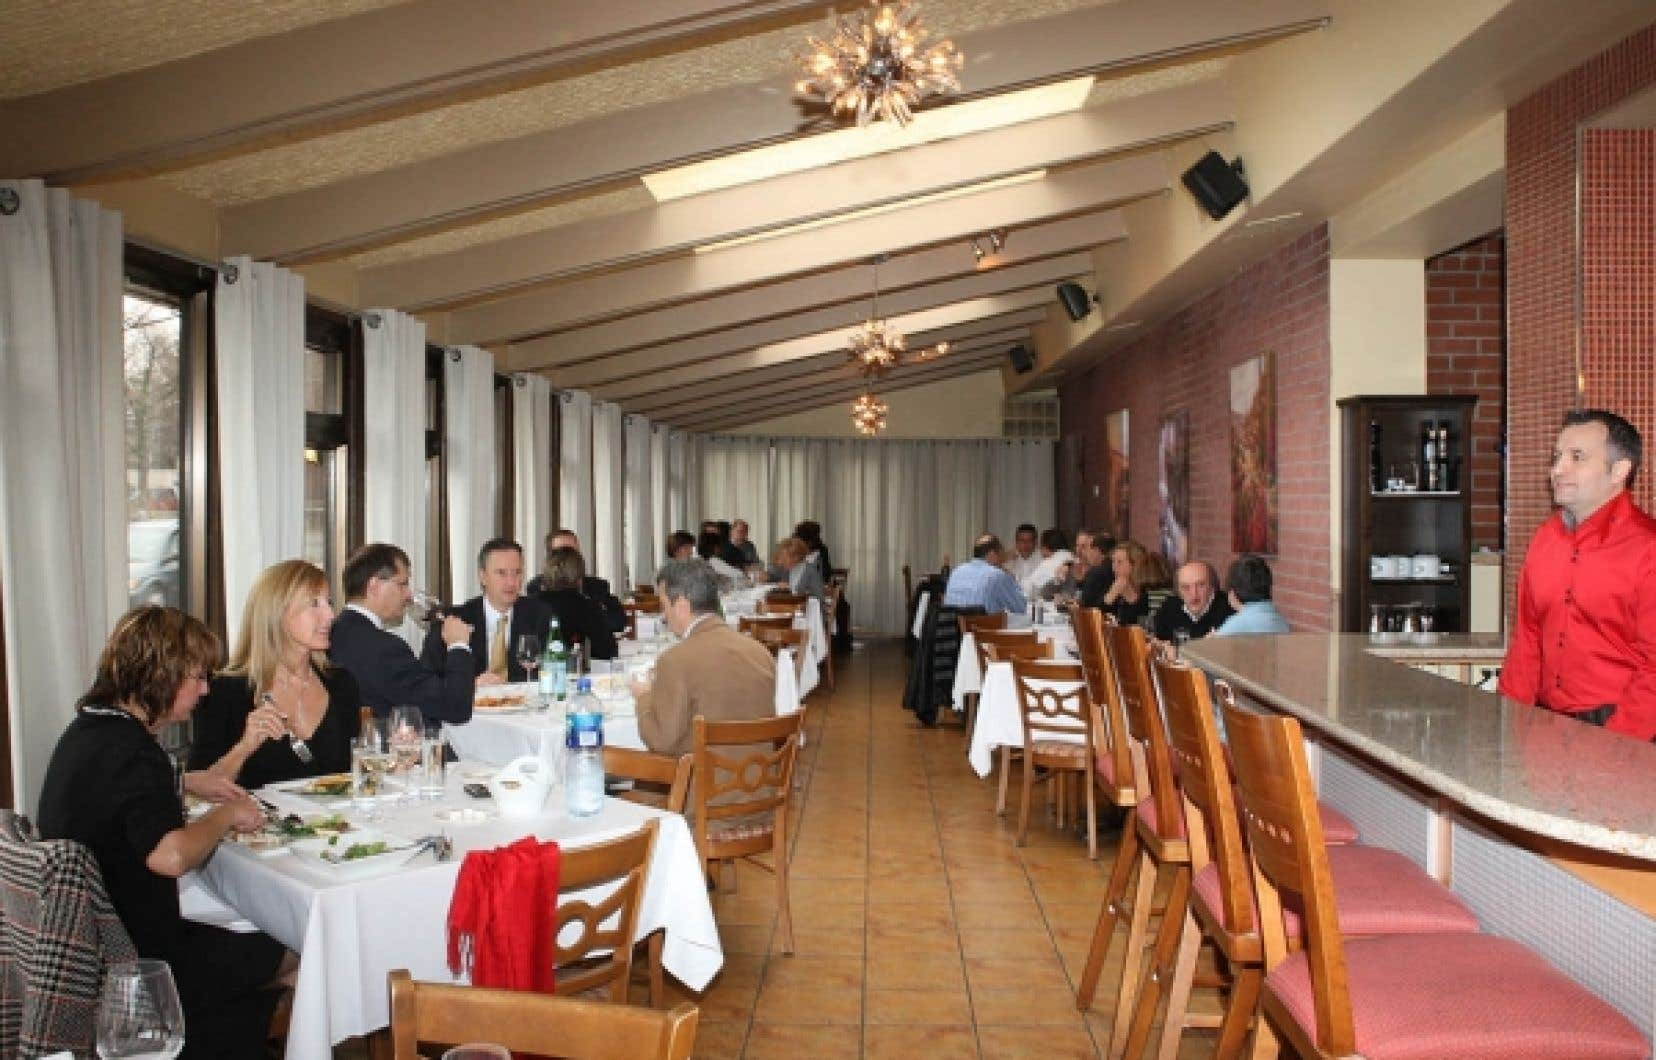 Le Primi Piatti a un décor moderne et ses petites salles peuvent accommoder de petits groupes.